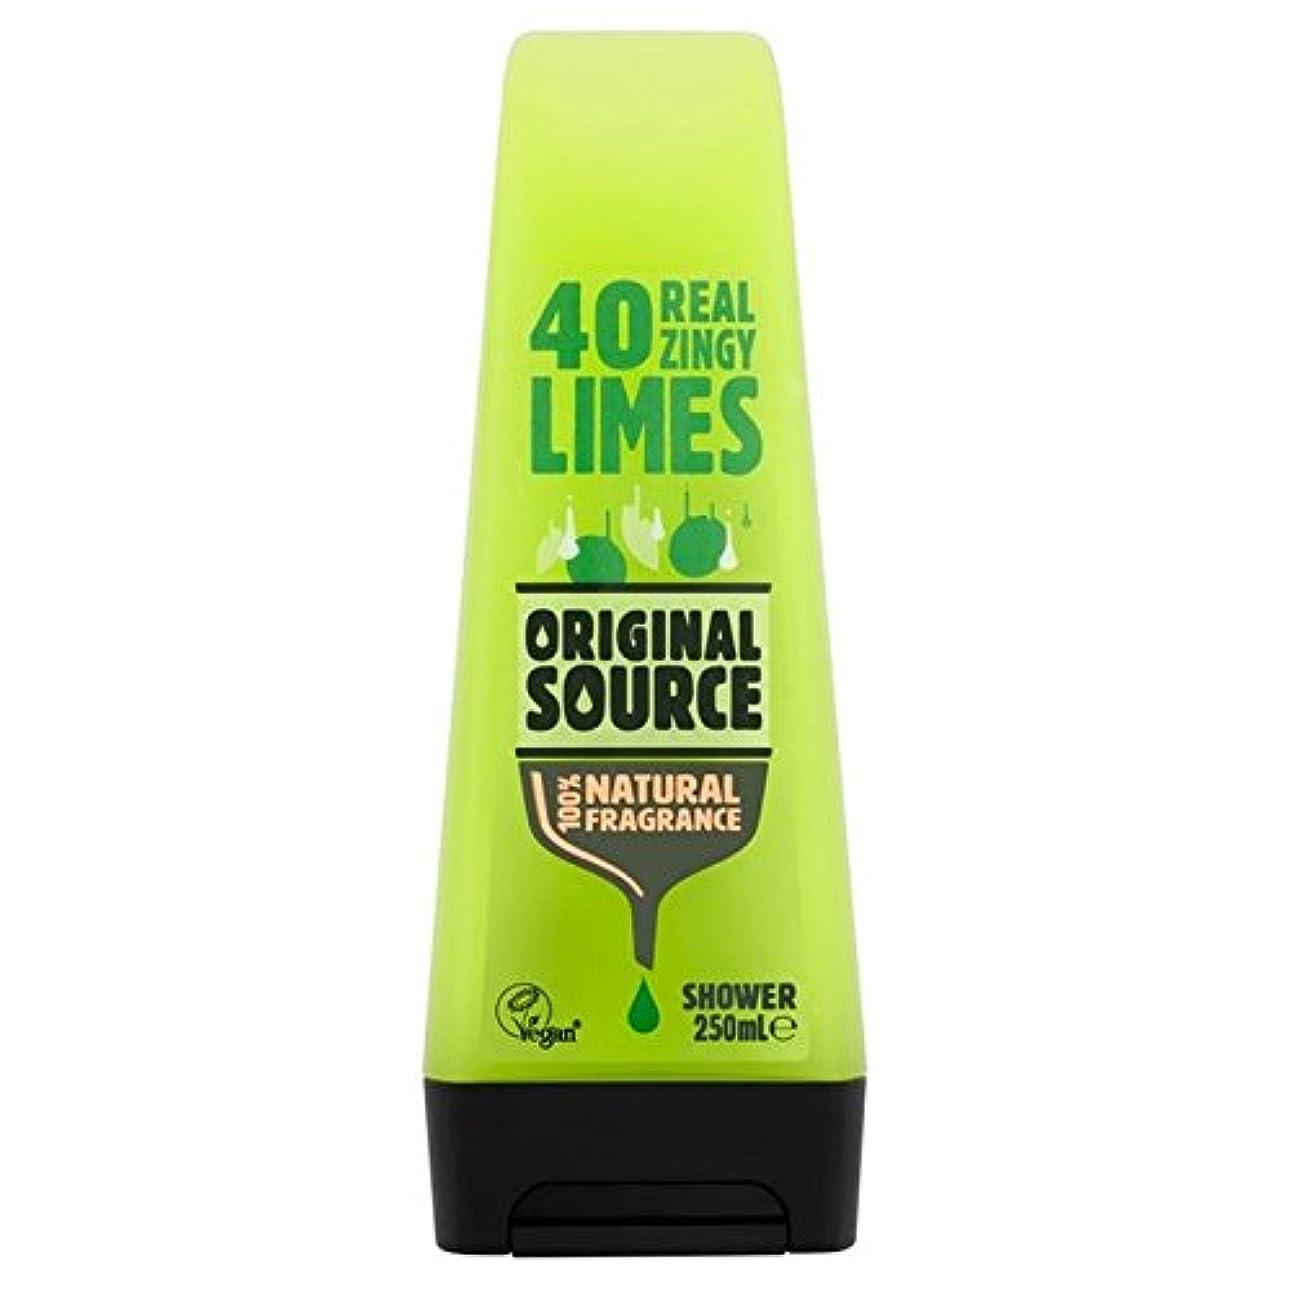 活力昨日郵便屋さん元のソースライムシャワージェル250ミリリットル x2 - Original Source Lime Shower Gel 250ml (Pack of 2) [並行輸入品]